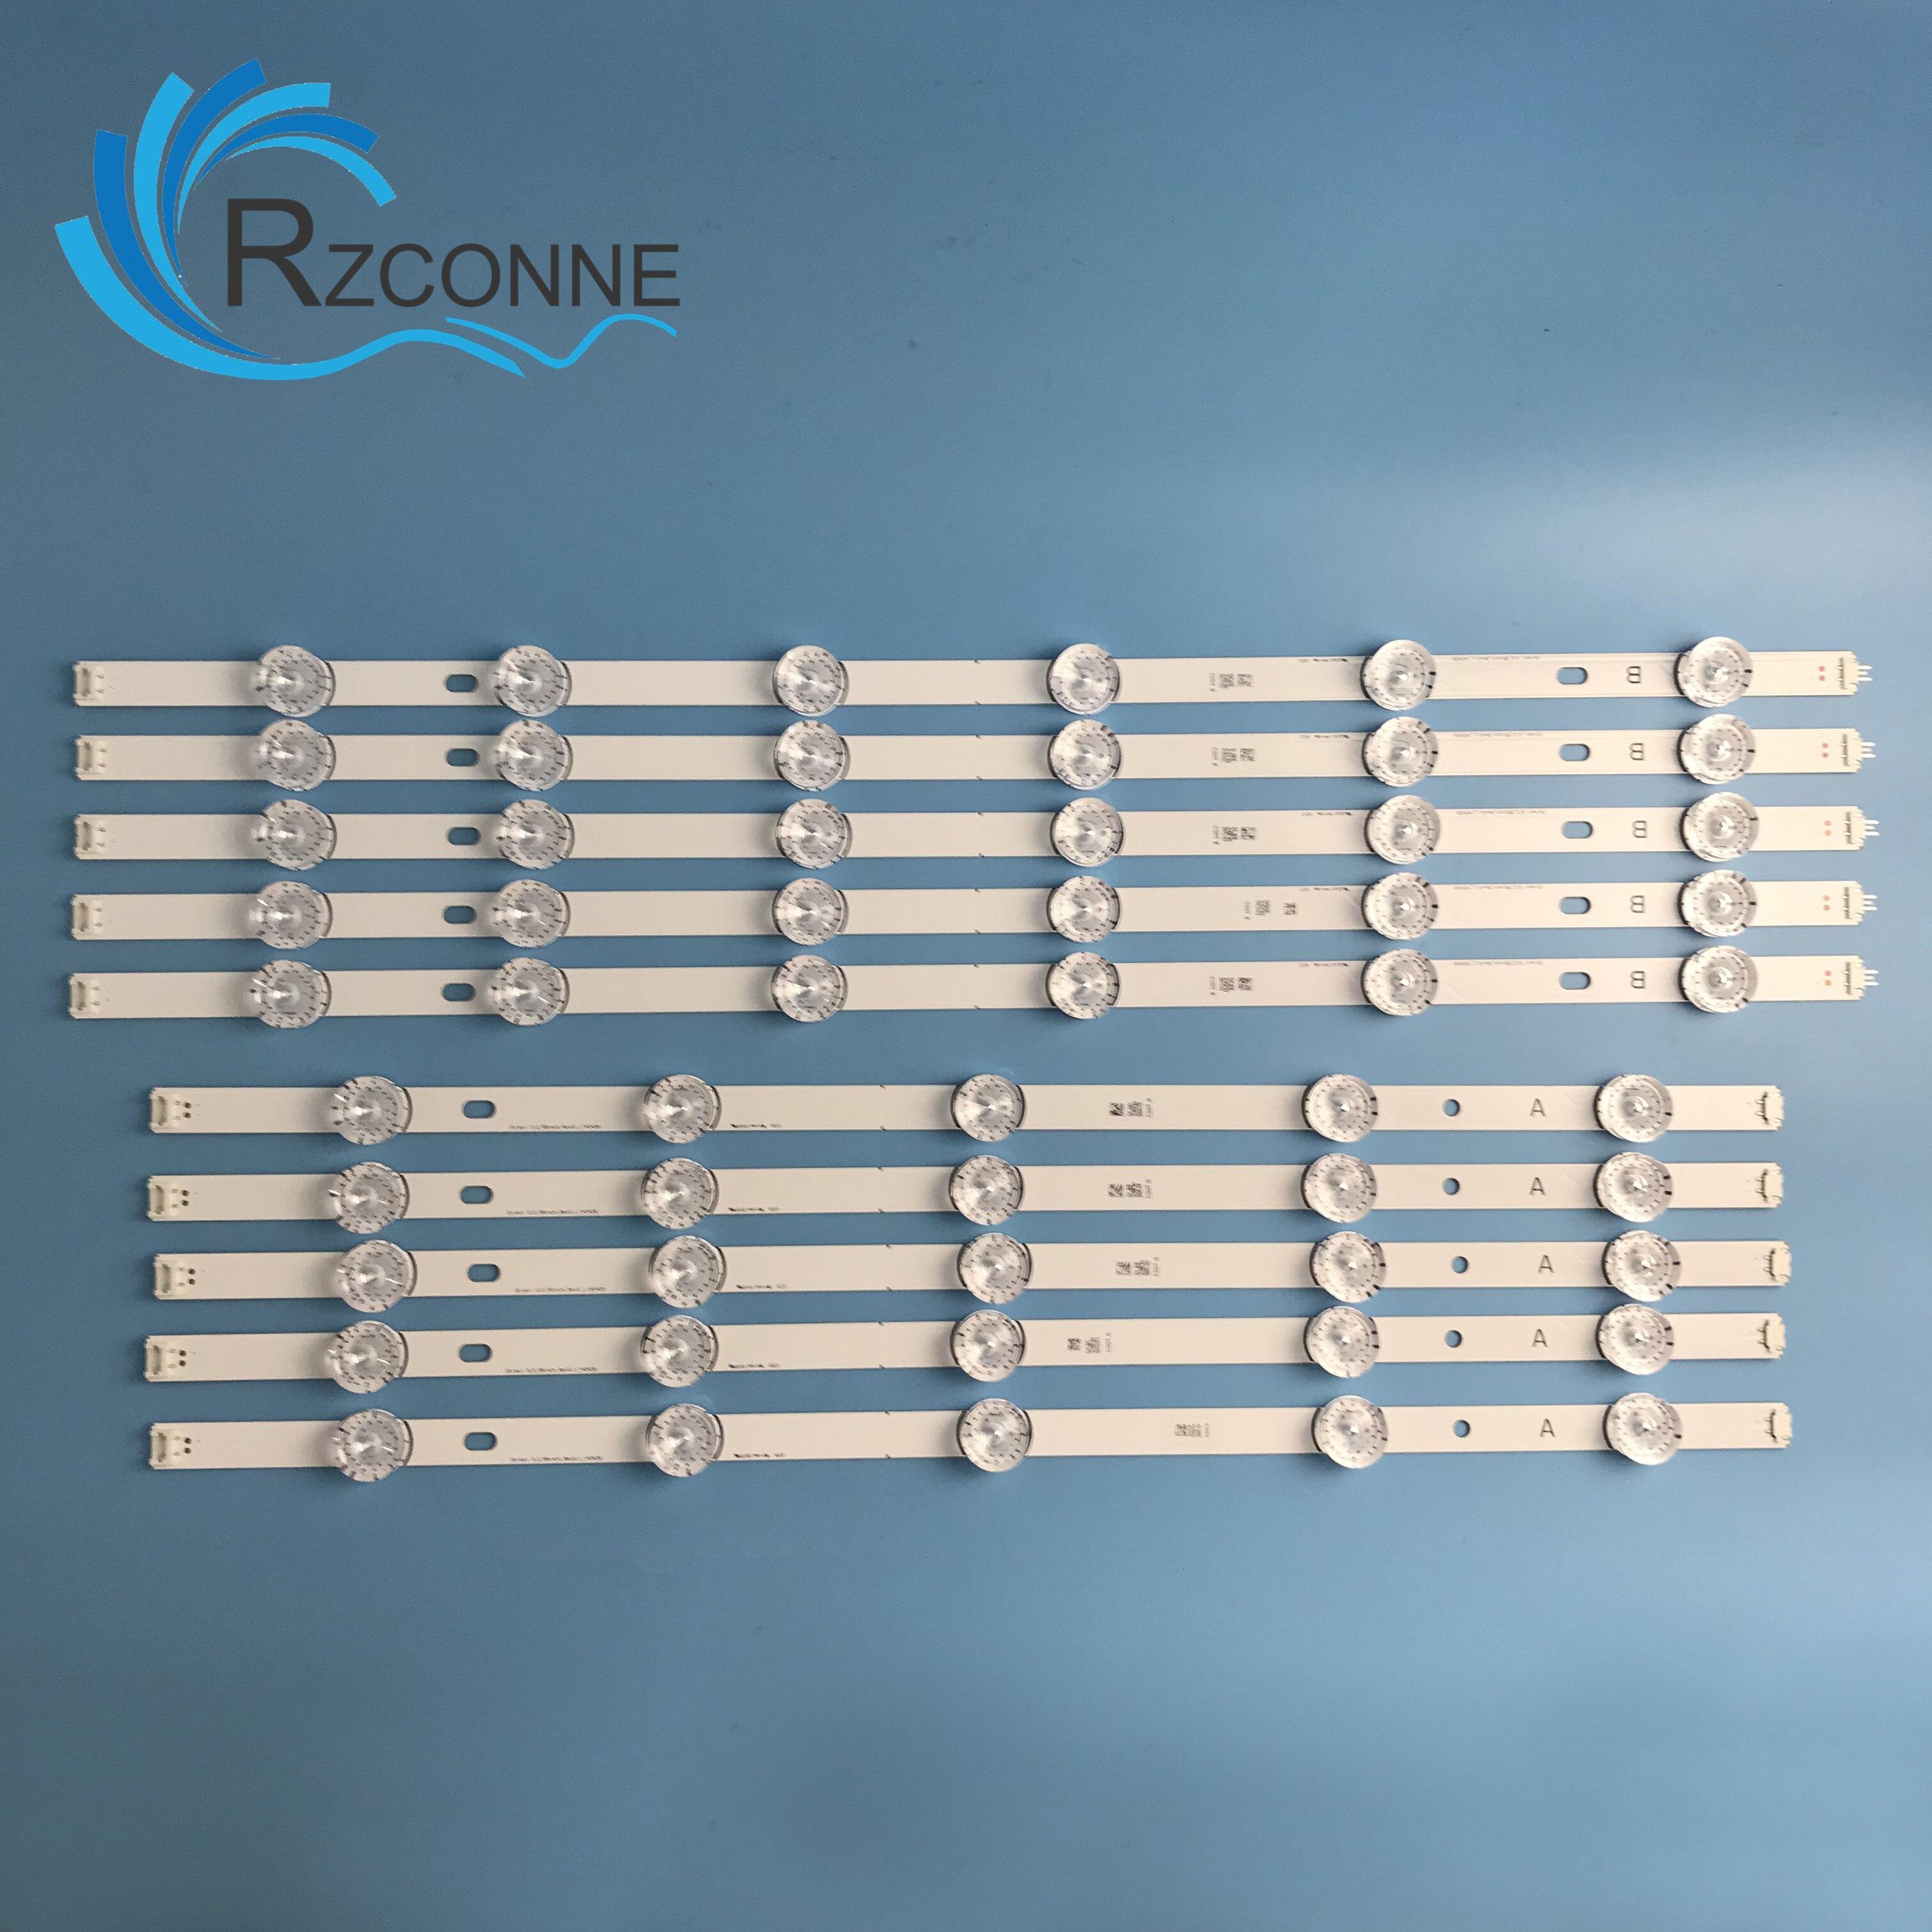 LED Backlight strip For T550HVF04 2 NC550DUE VCCP1 55LB580V LC550DUE FG A1 A2 A3 A4 A5